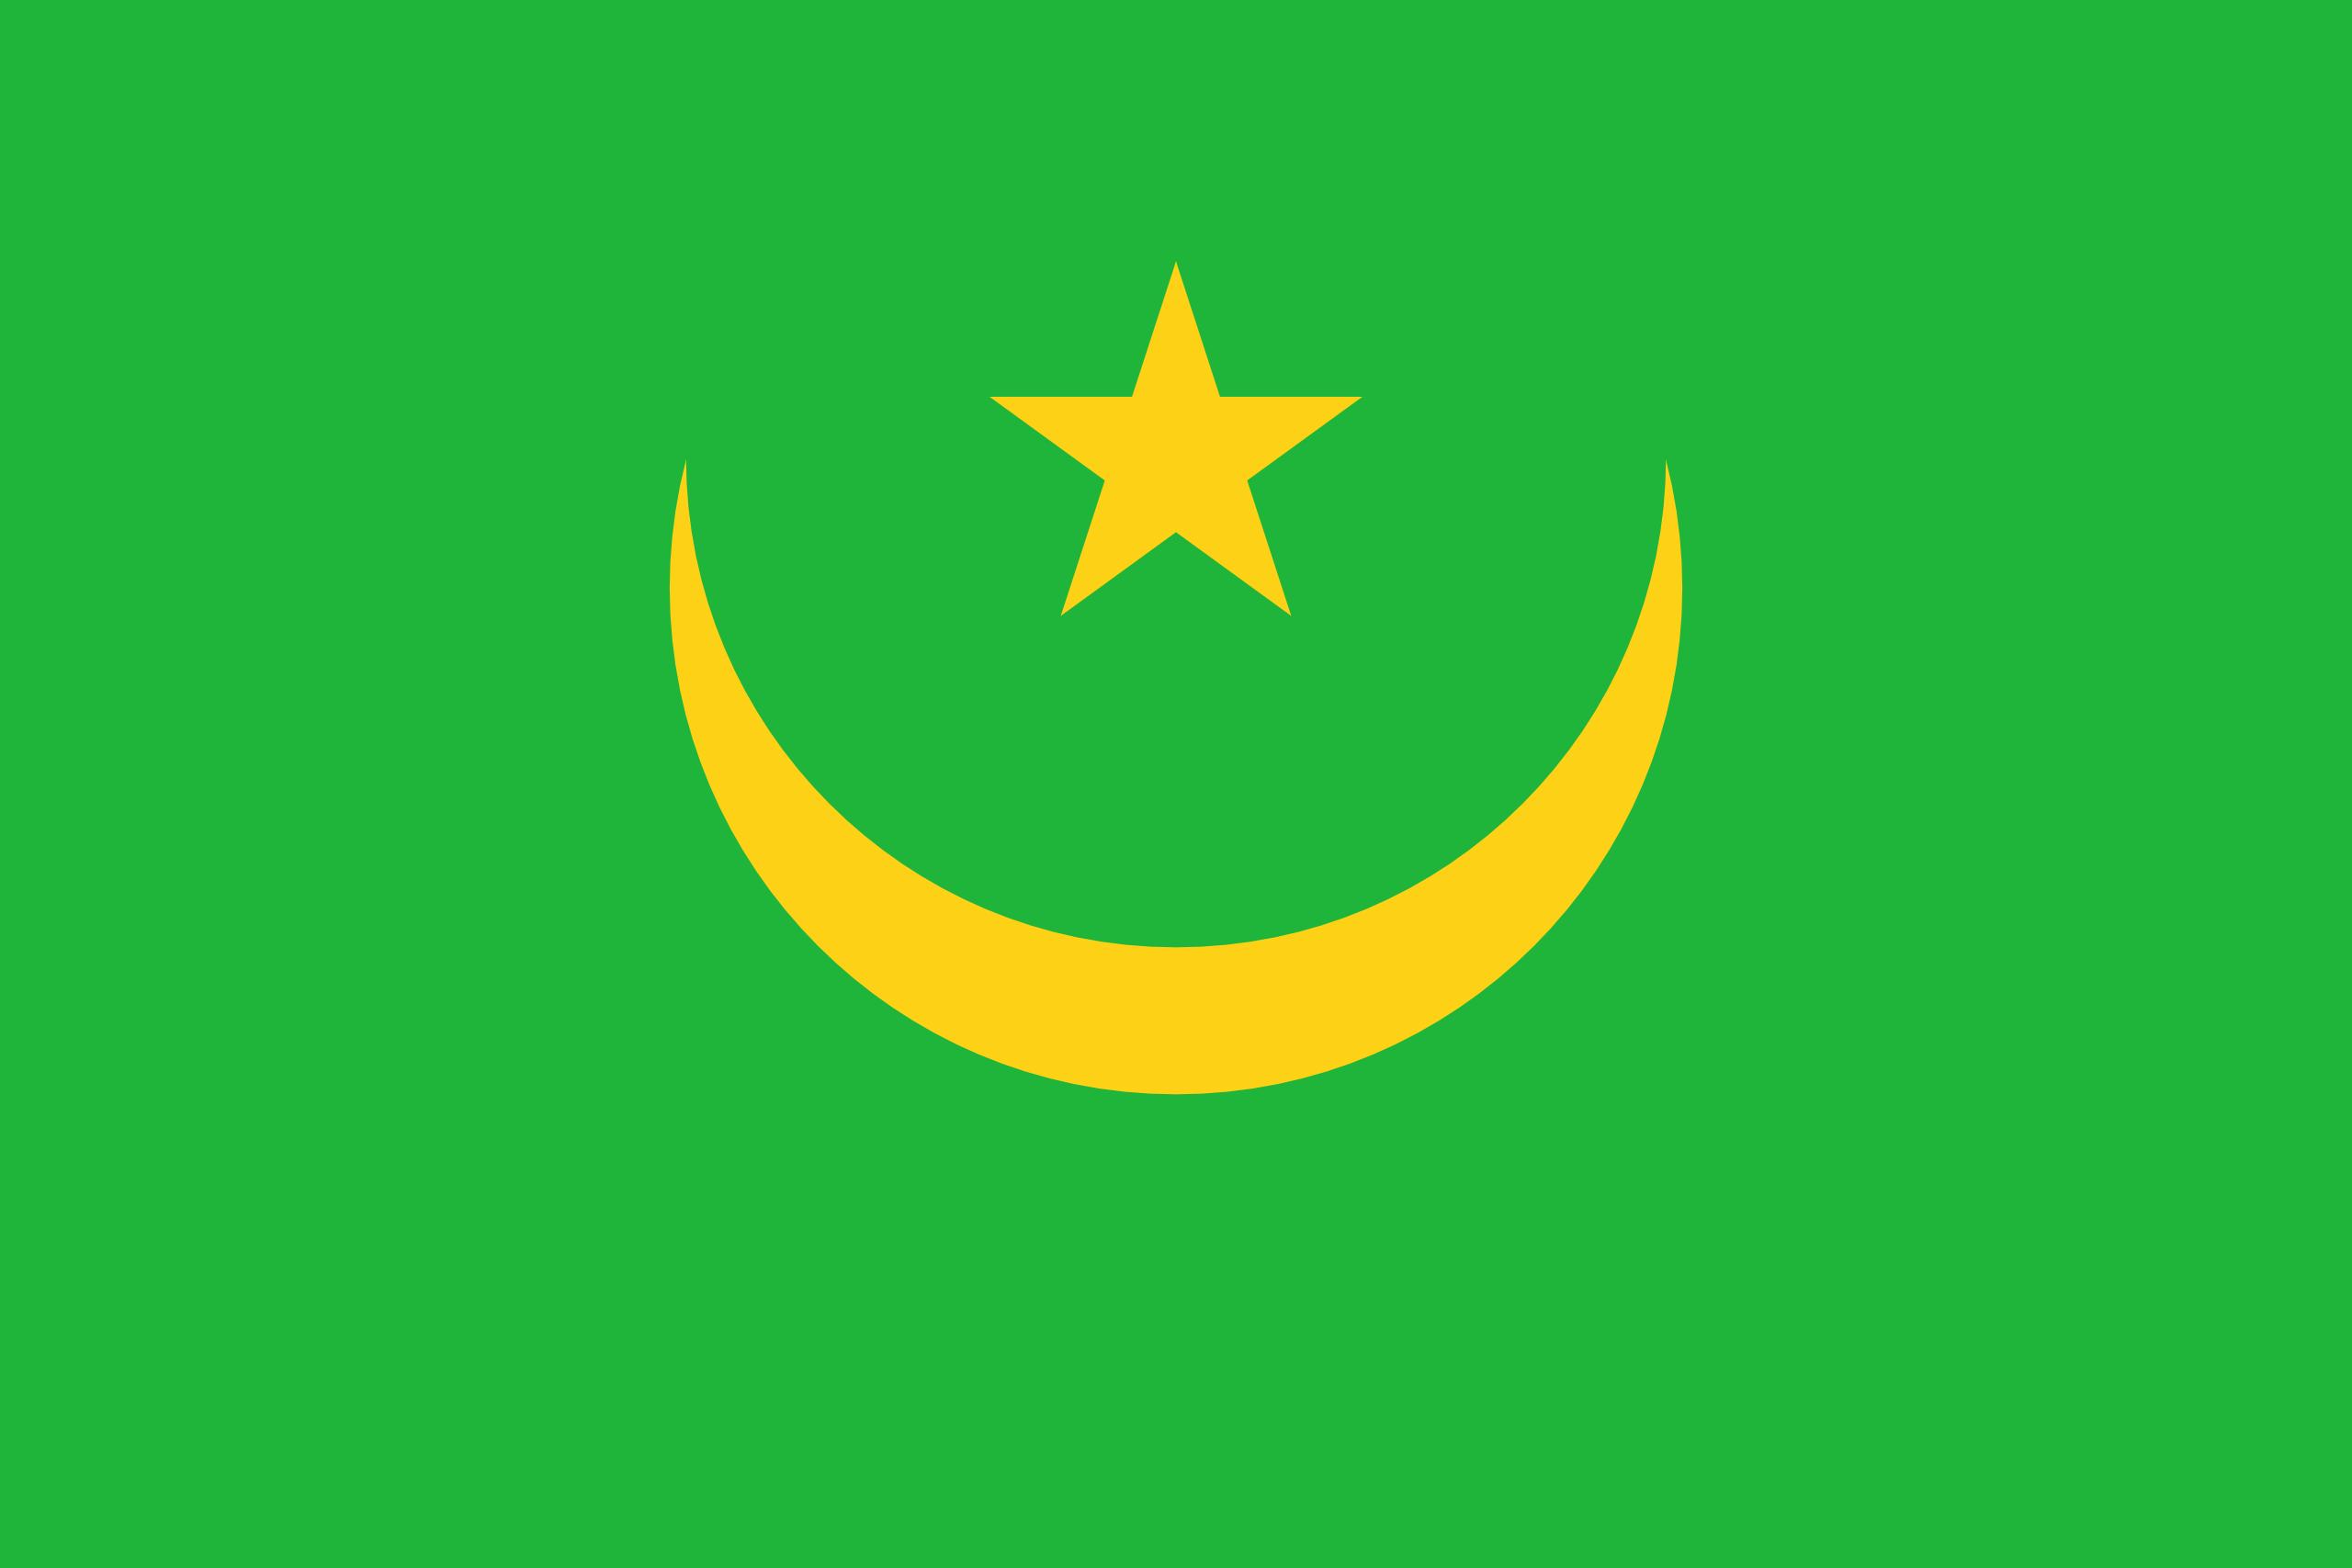 Mauretanien, Land, Emblem, Logo, Symbol - Wallpaper HD - Prof.-falken.com